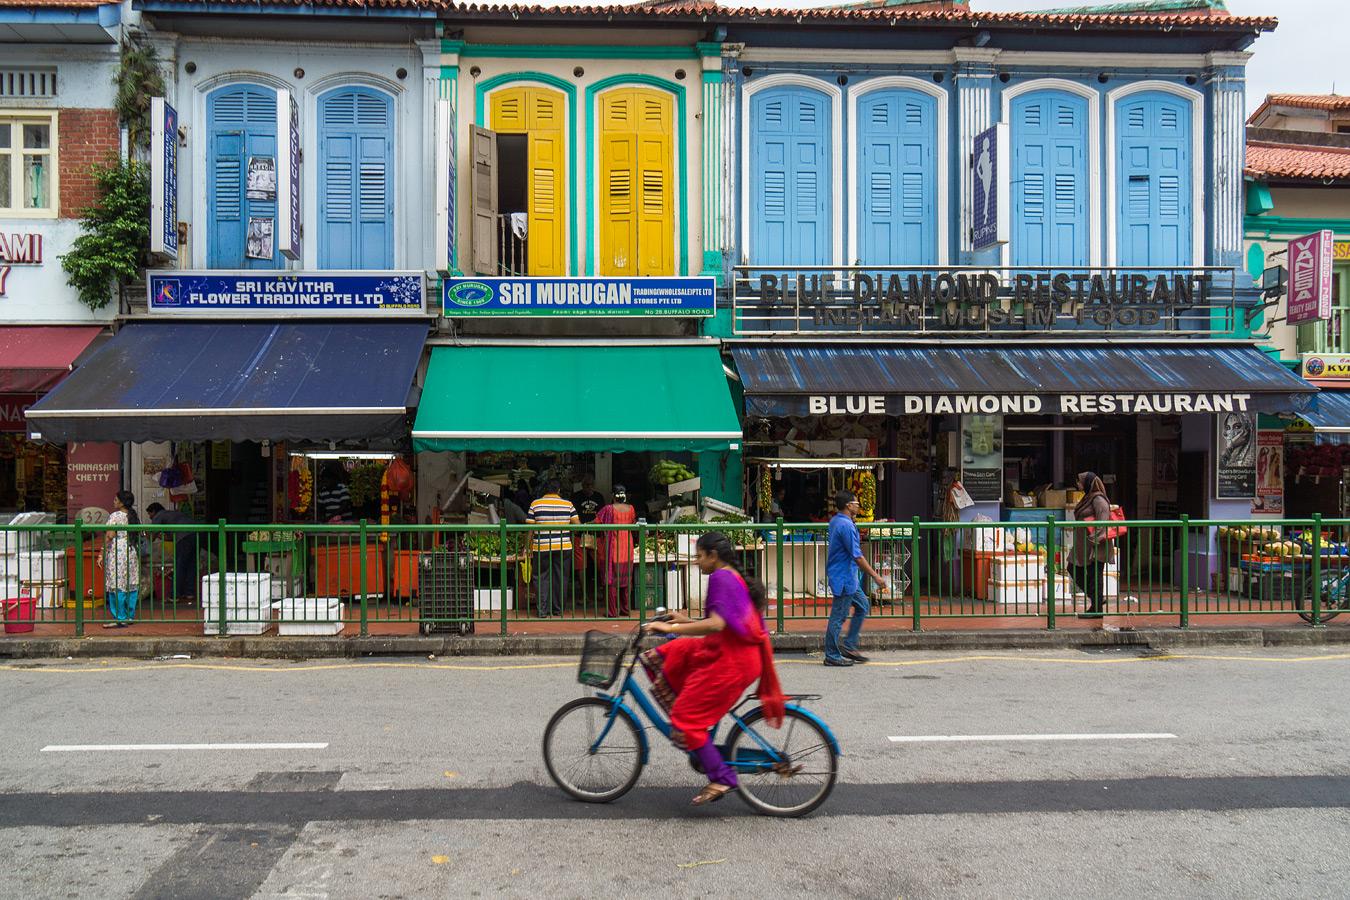 Что посмотреть в Сингапуре за два дня. Достопримечательности Сингапура. Сингапур отзывы туристов. Сингапур отчет жж.